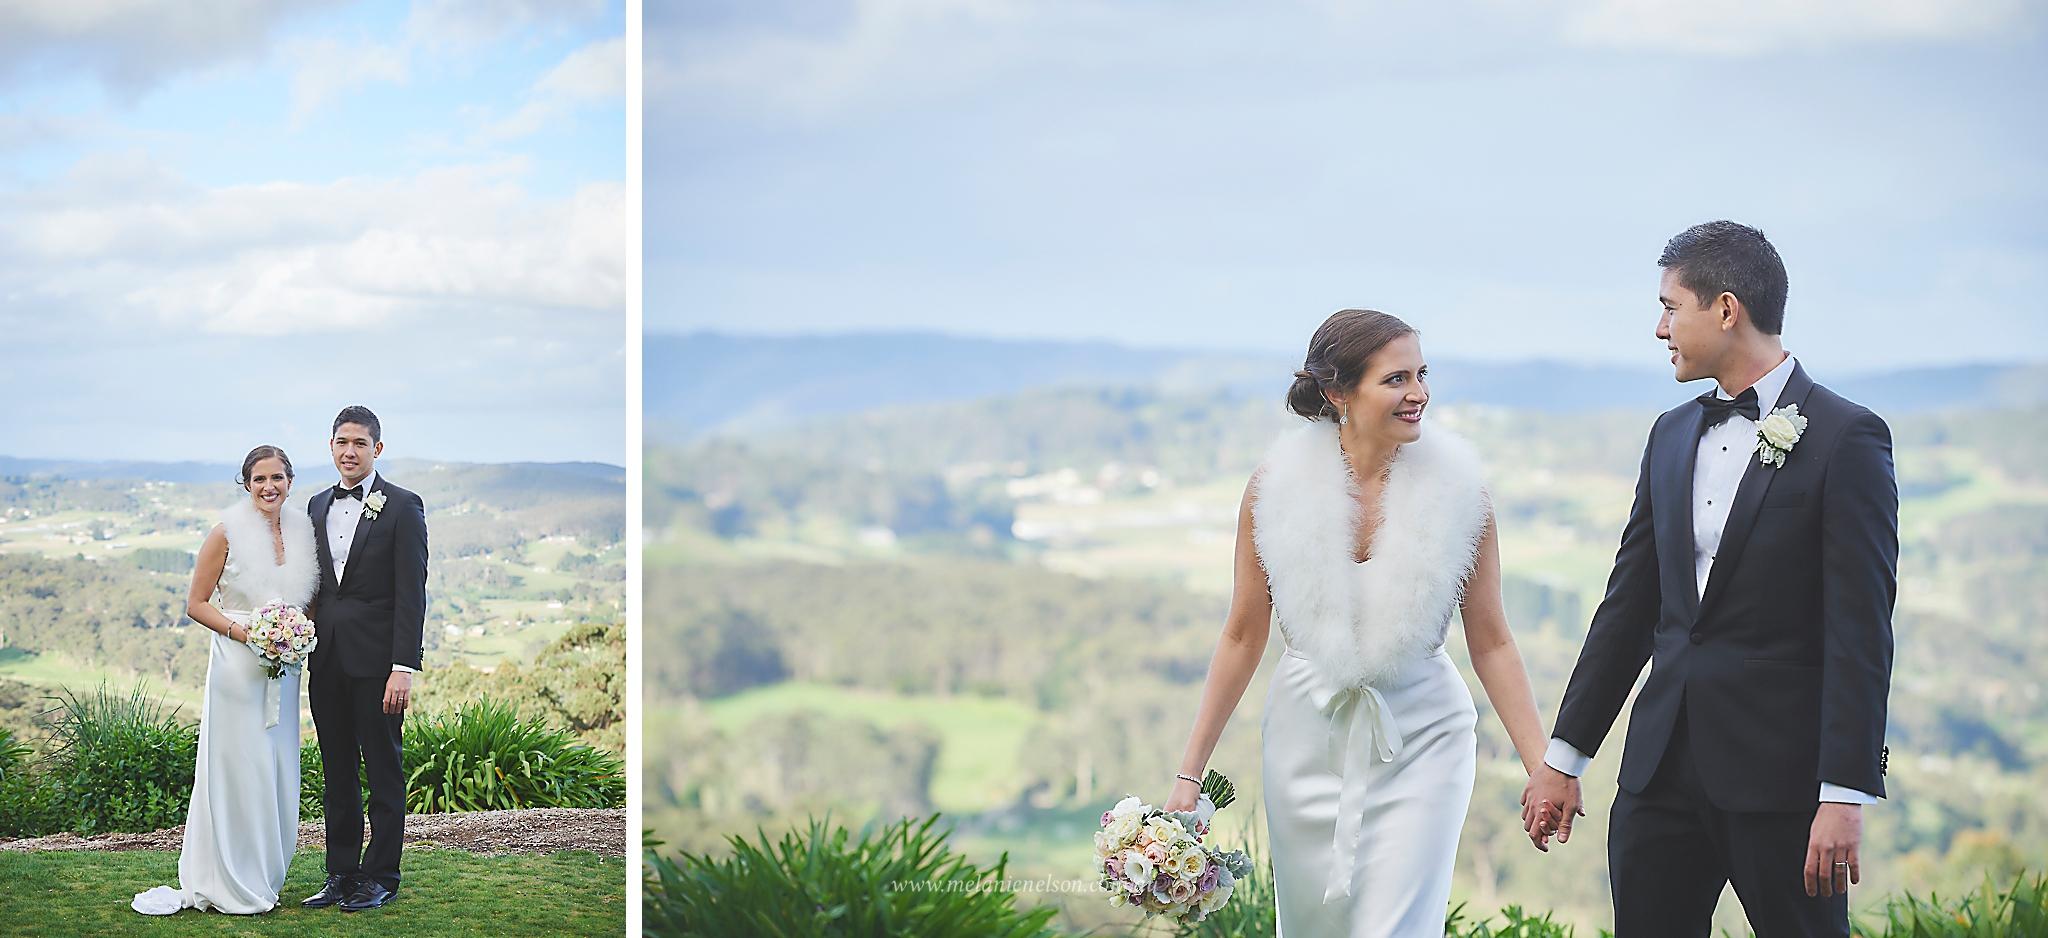 adelaide_hills_wedding_photography_0022.jpg